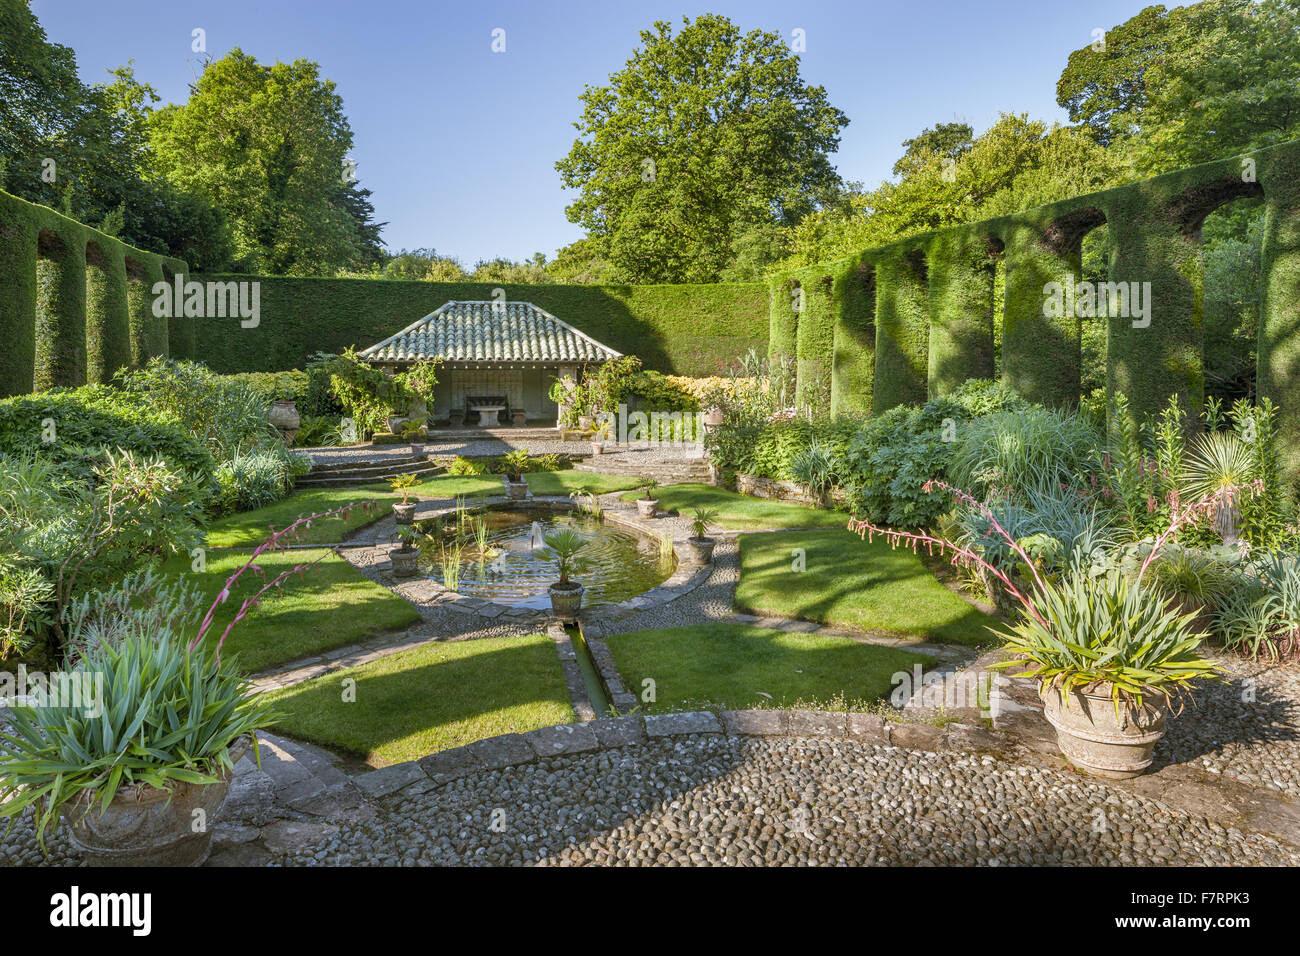 the spanish garden at mount stewart county down mount stewart has F7RPK3